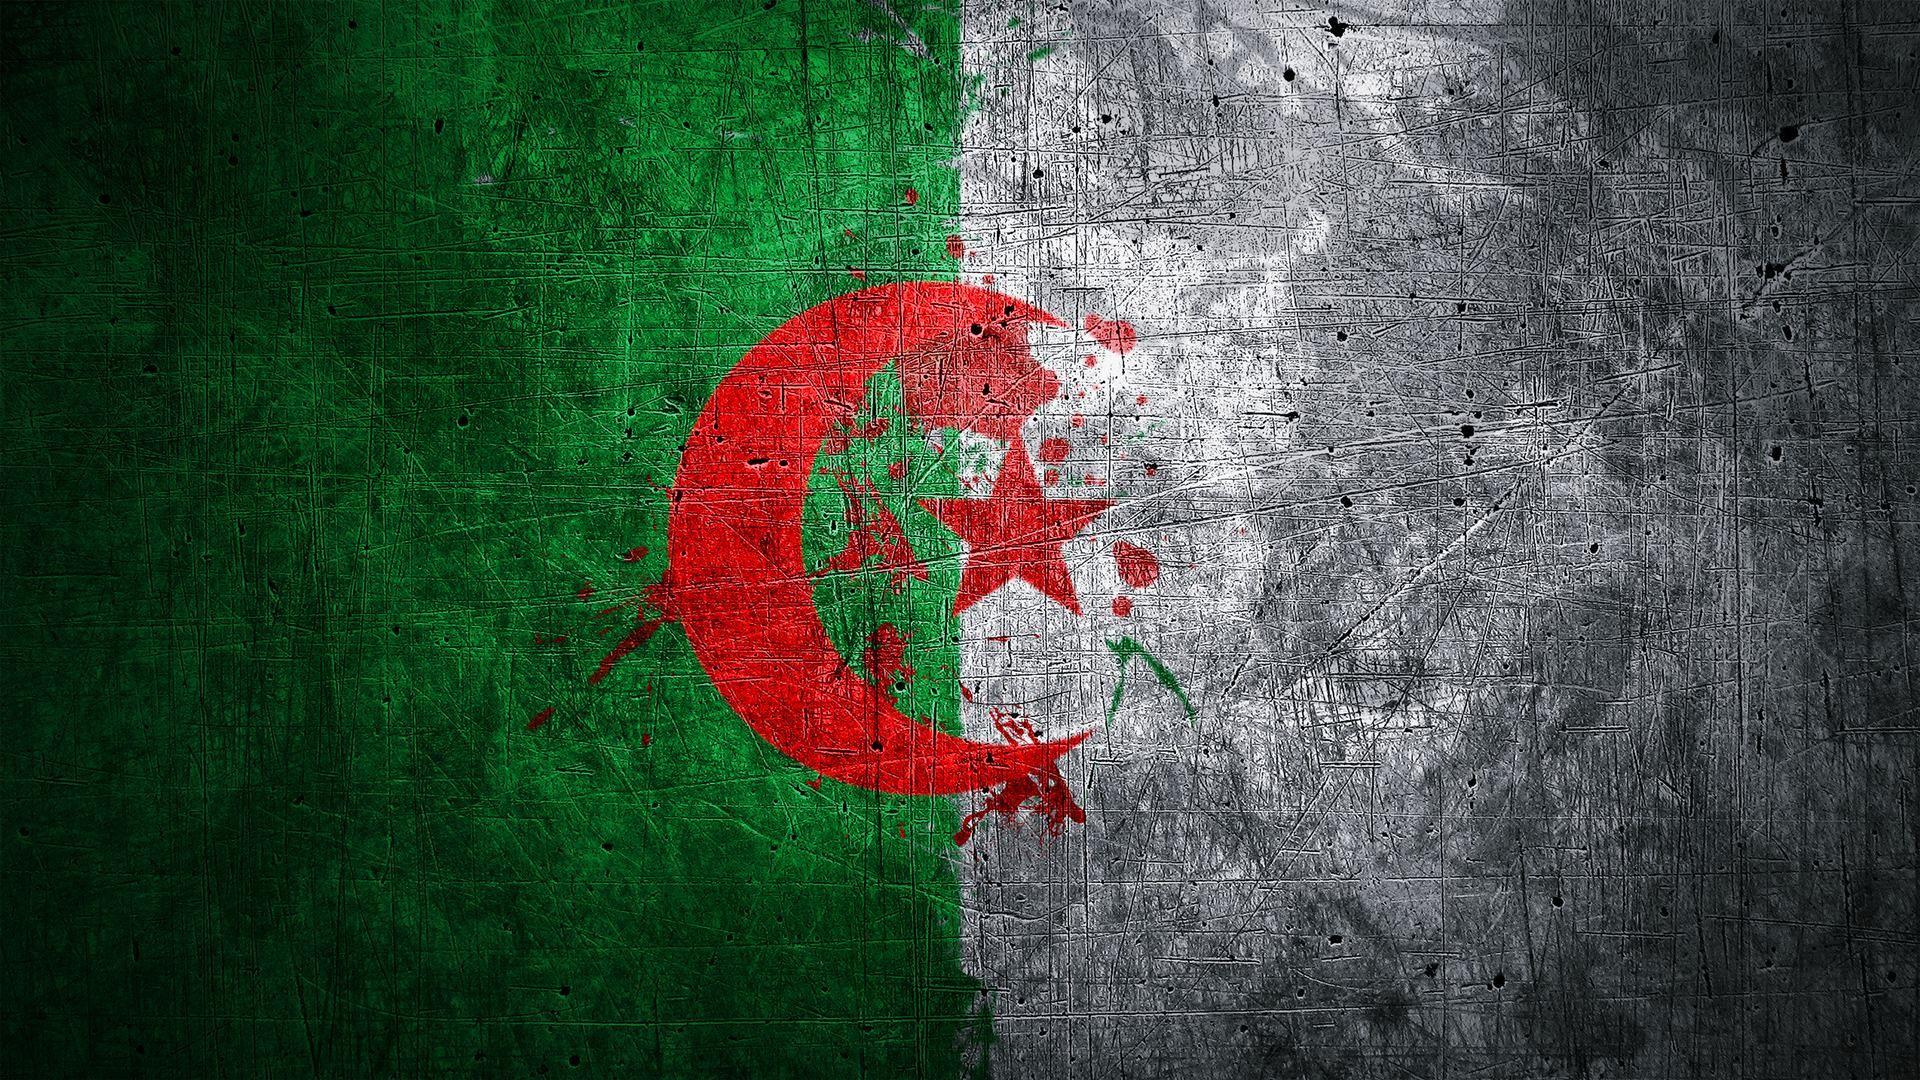 Algeria Flag Wallpaper reda mclaren en 2019 Drapeaux nationaux 1920x1080